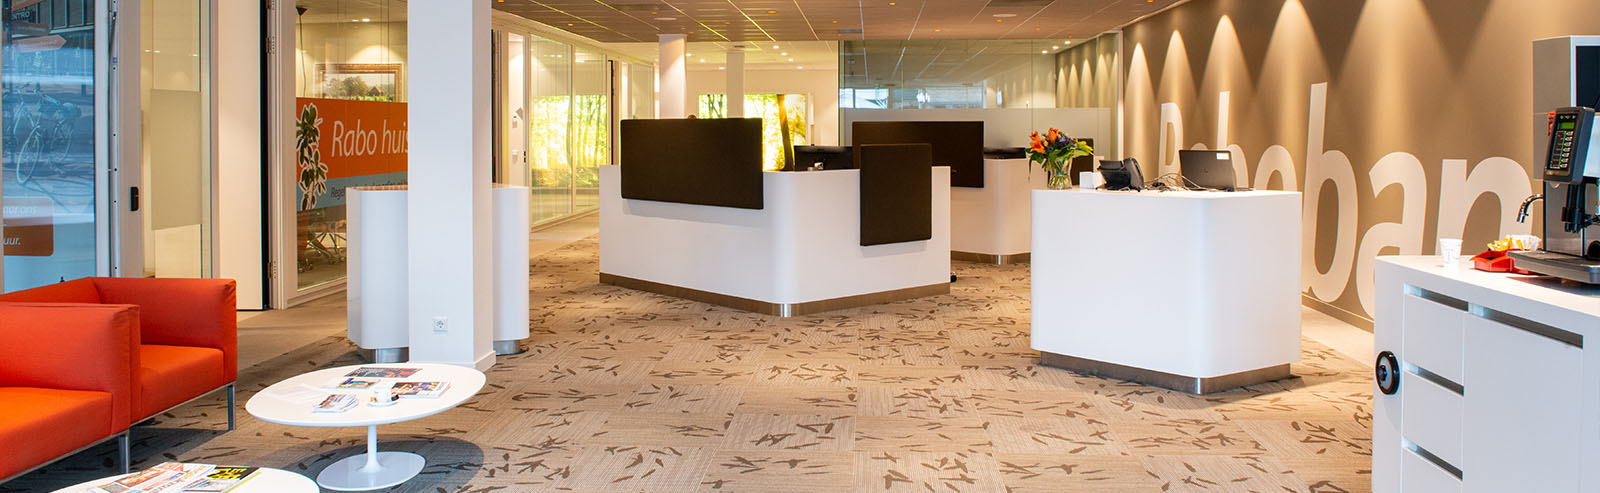 bedrijfspand-rabobank-renovatie